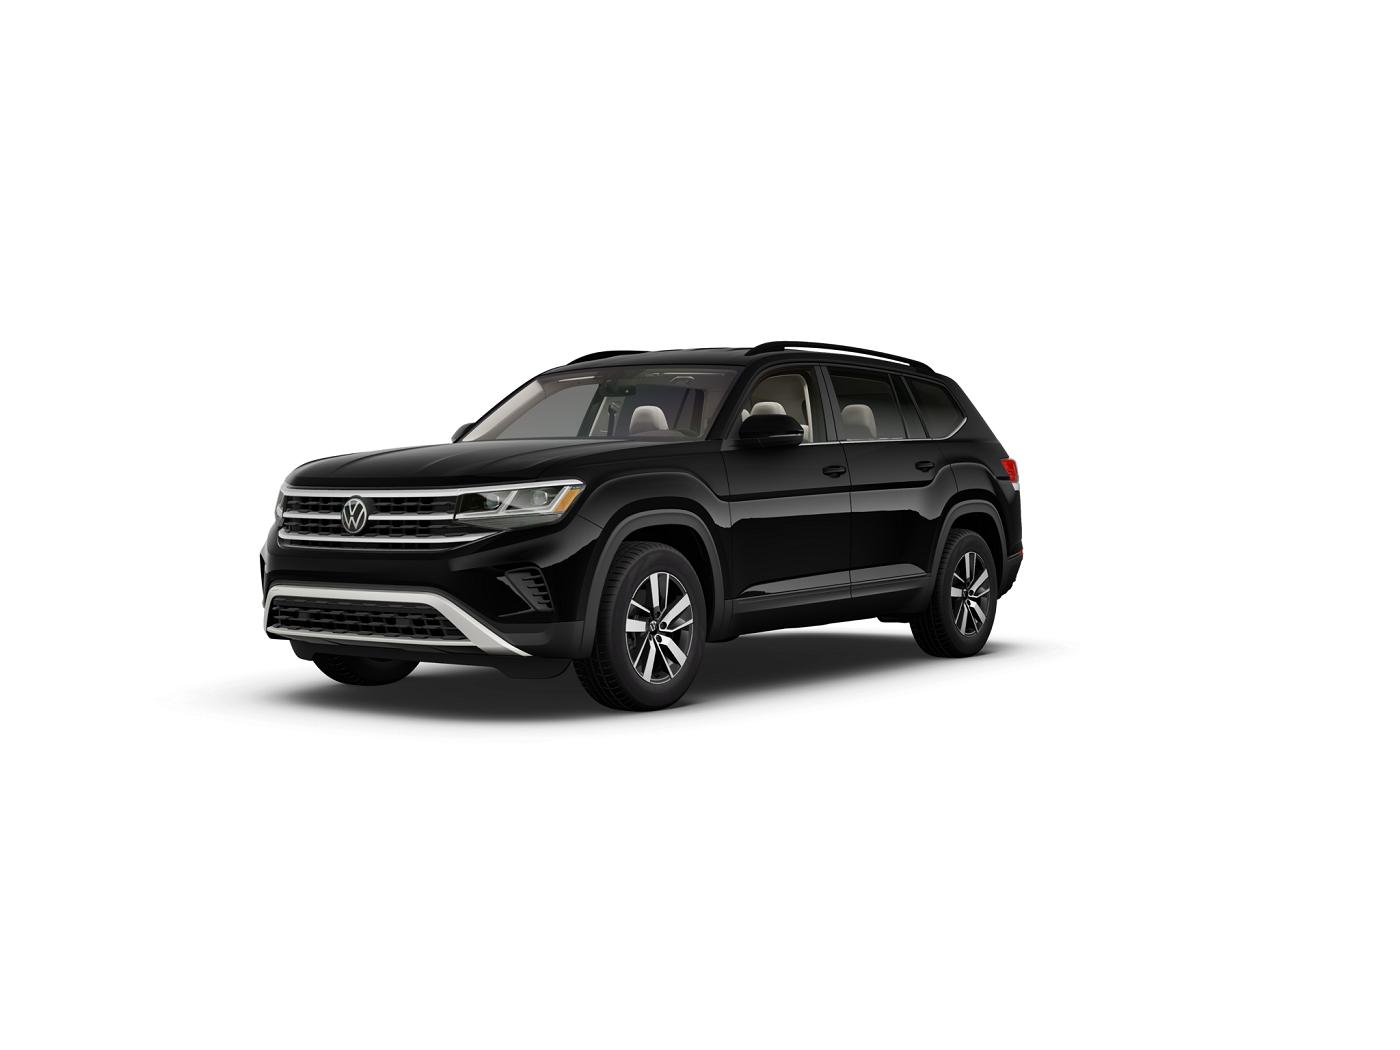 2021 Volkswagen Atlas Trim Levels | McDonald VW